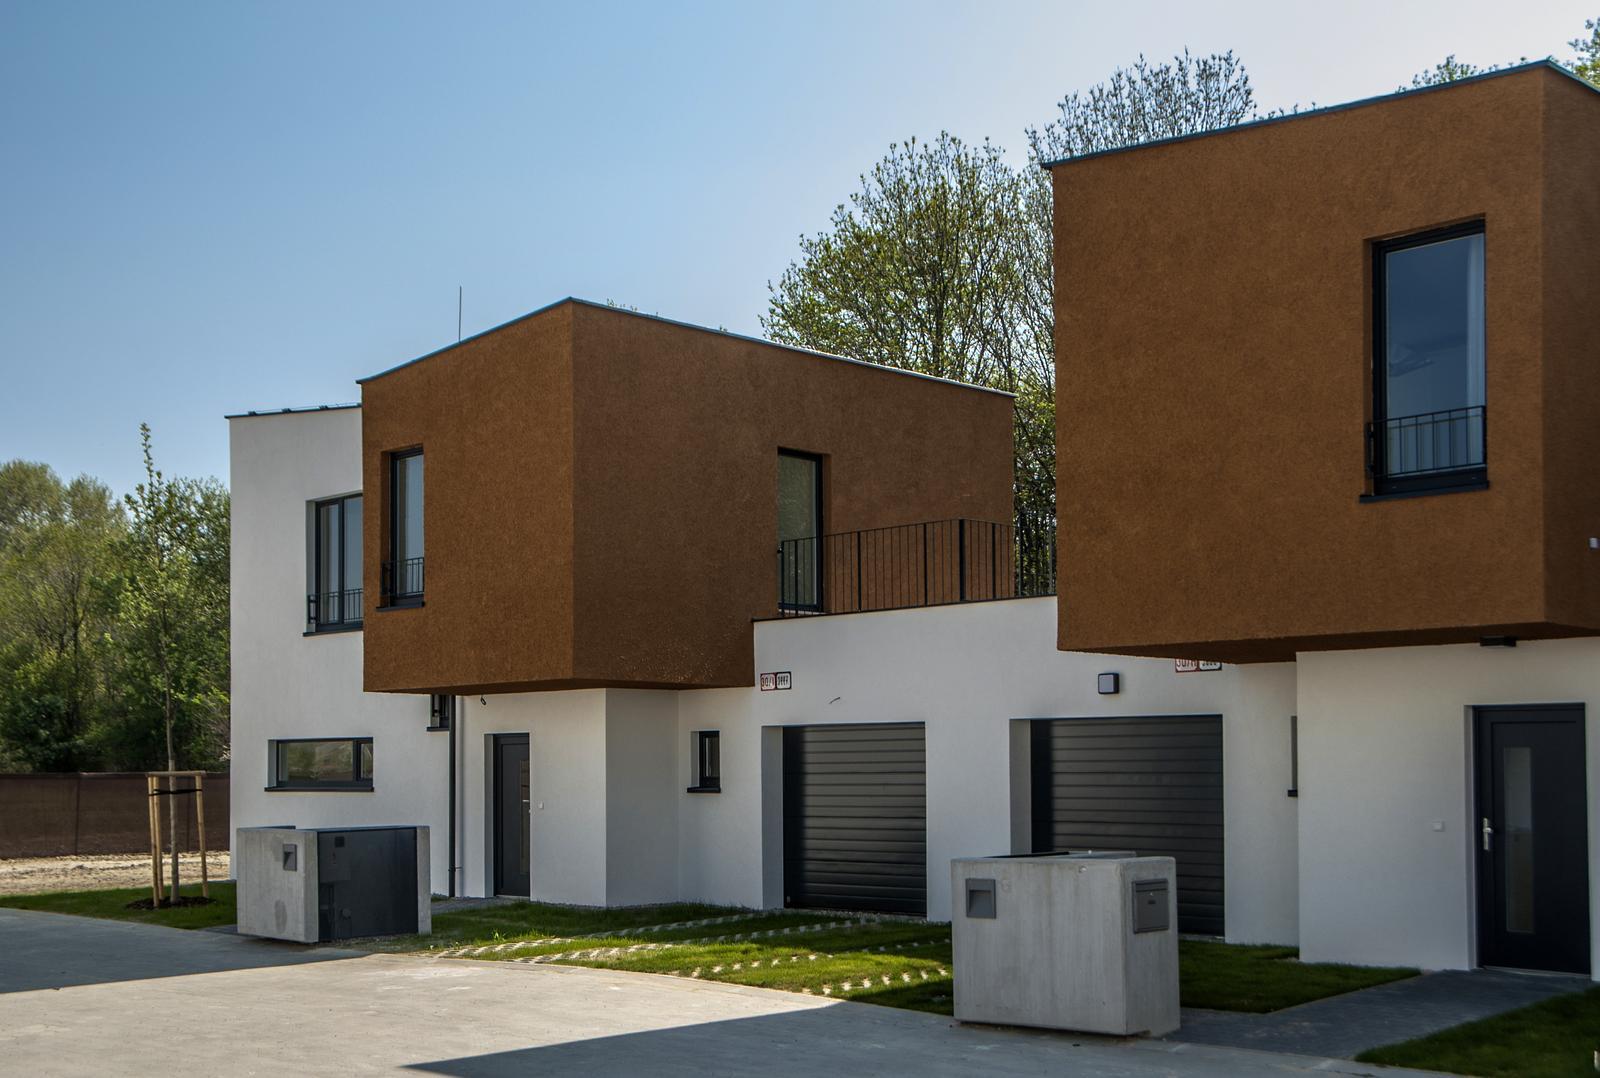 Valčekovanie na fasáde - Radové domy, Slnečnice, Bratislava